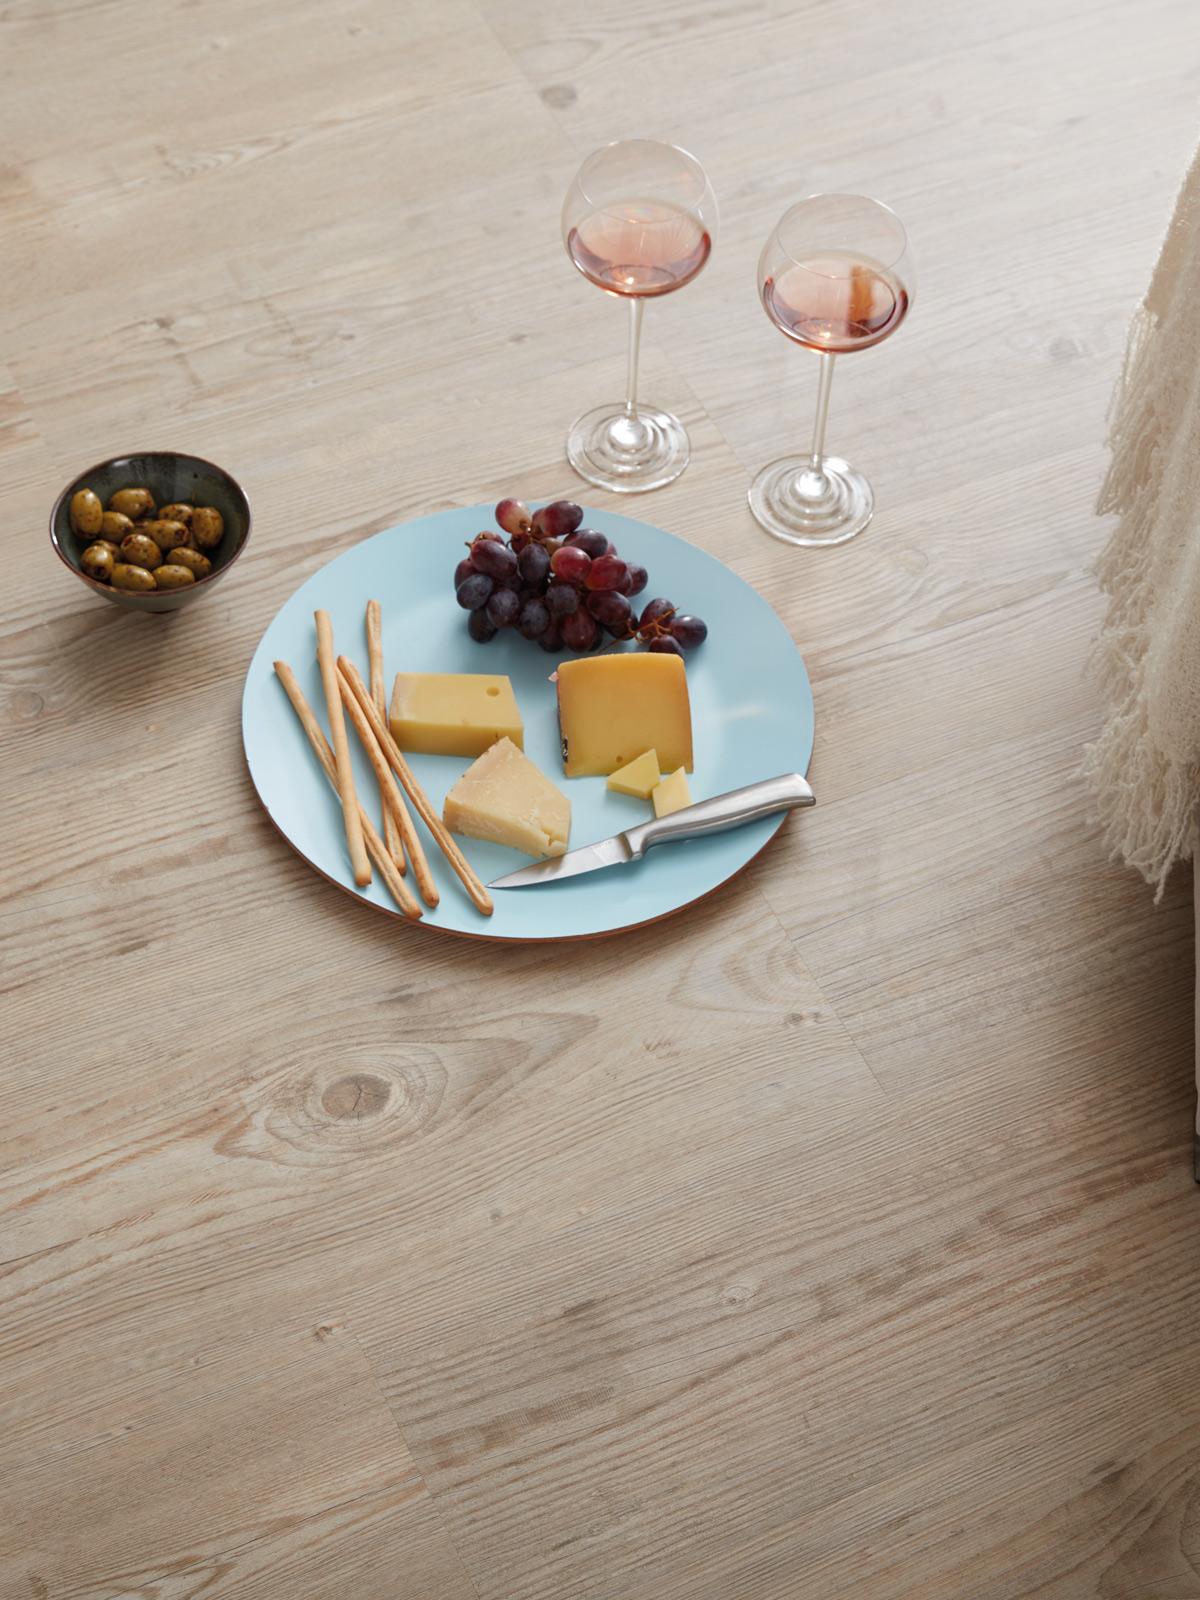 wineo Bodenbelag Teller mit Essen Weinglas